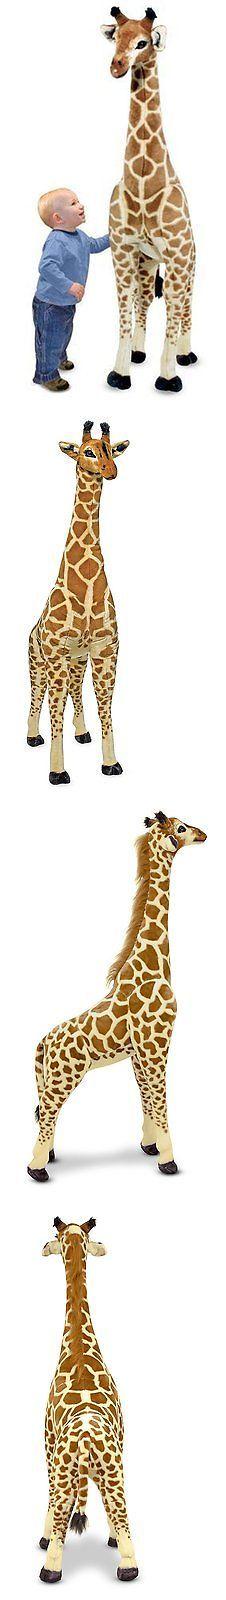 Melissa and Doug 158785: Melissa Doug Giant Giraffe - Lifelike Stuffed Animal (Over 4 Feet Tall) -> BUY IT NOW ONLY: $90.82 on eBay!